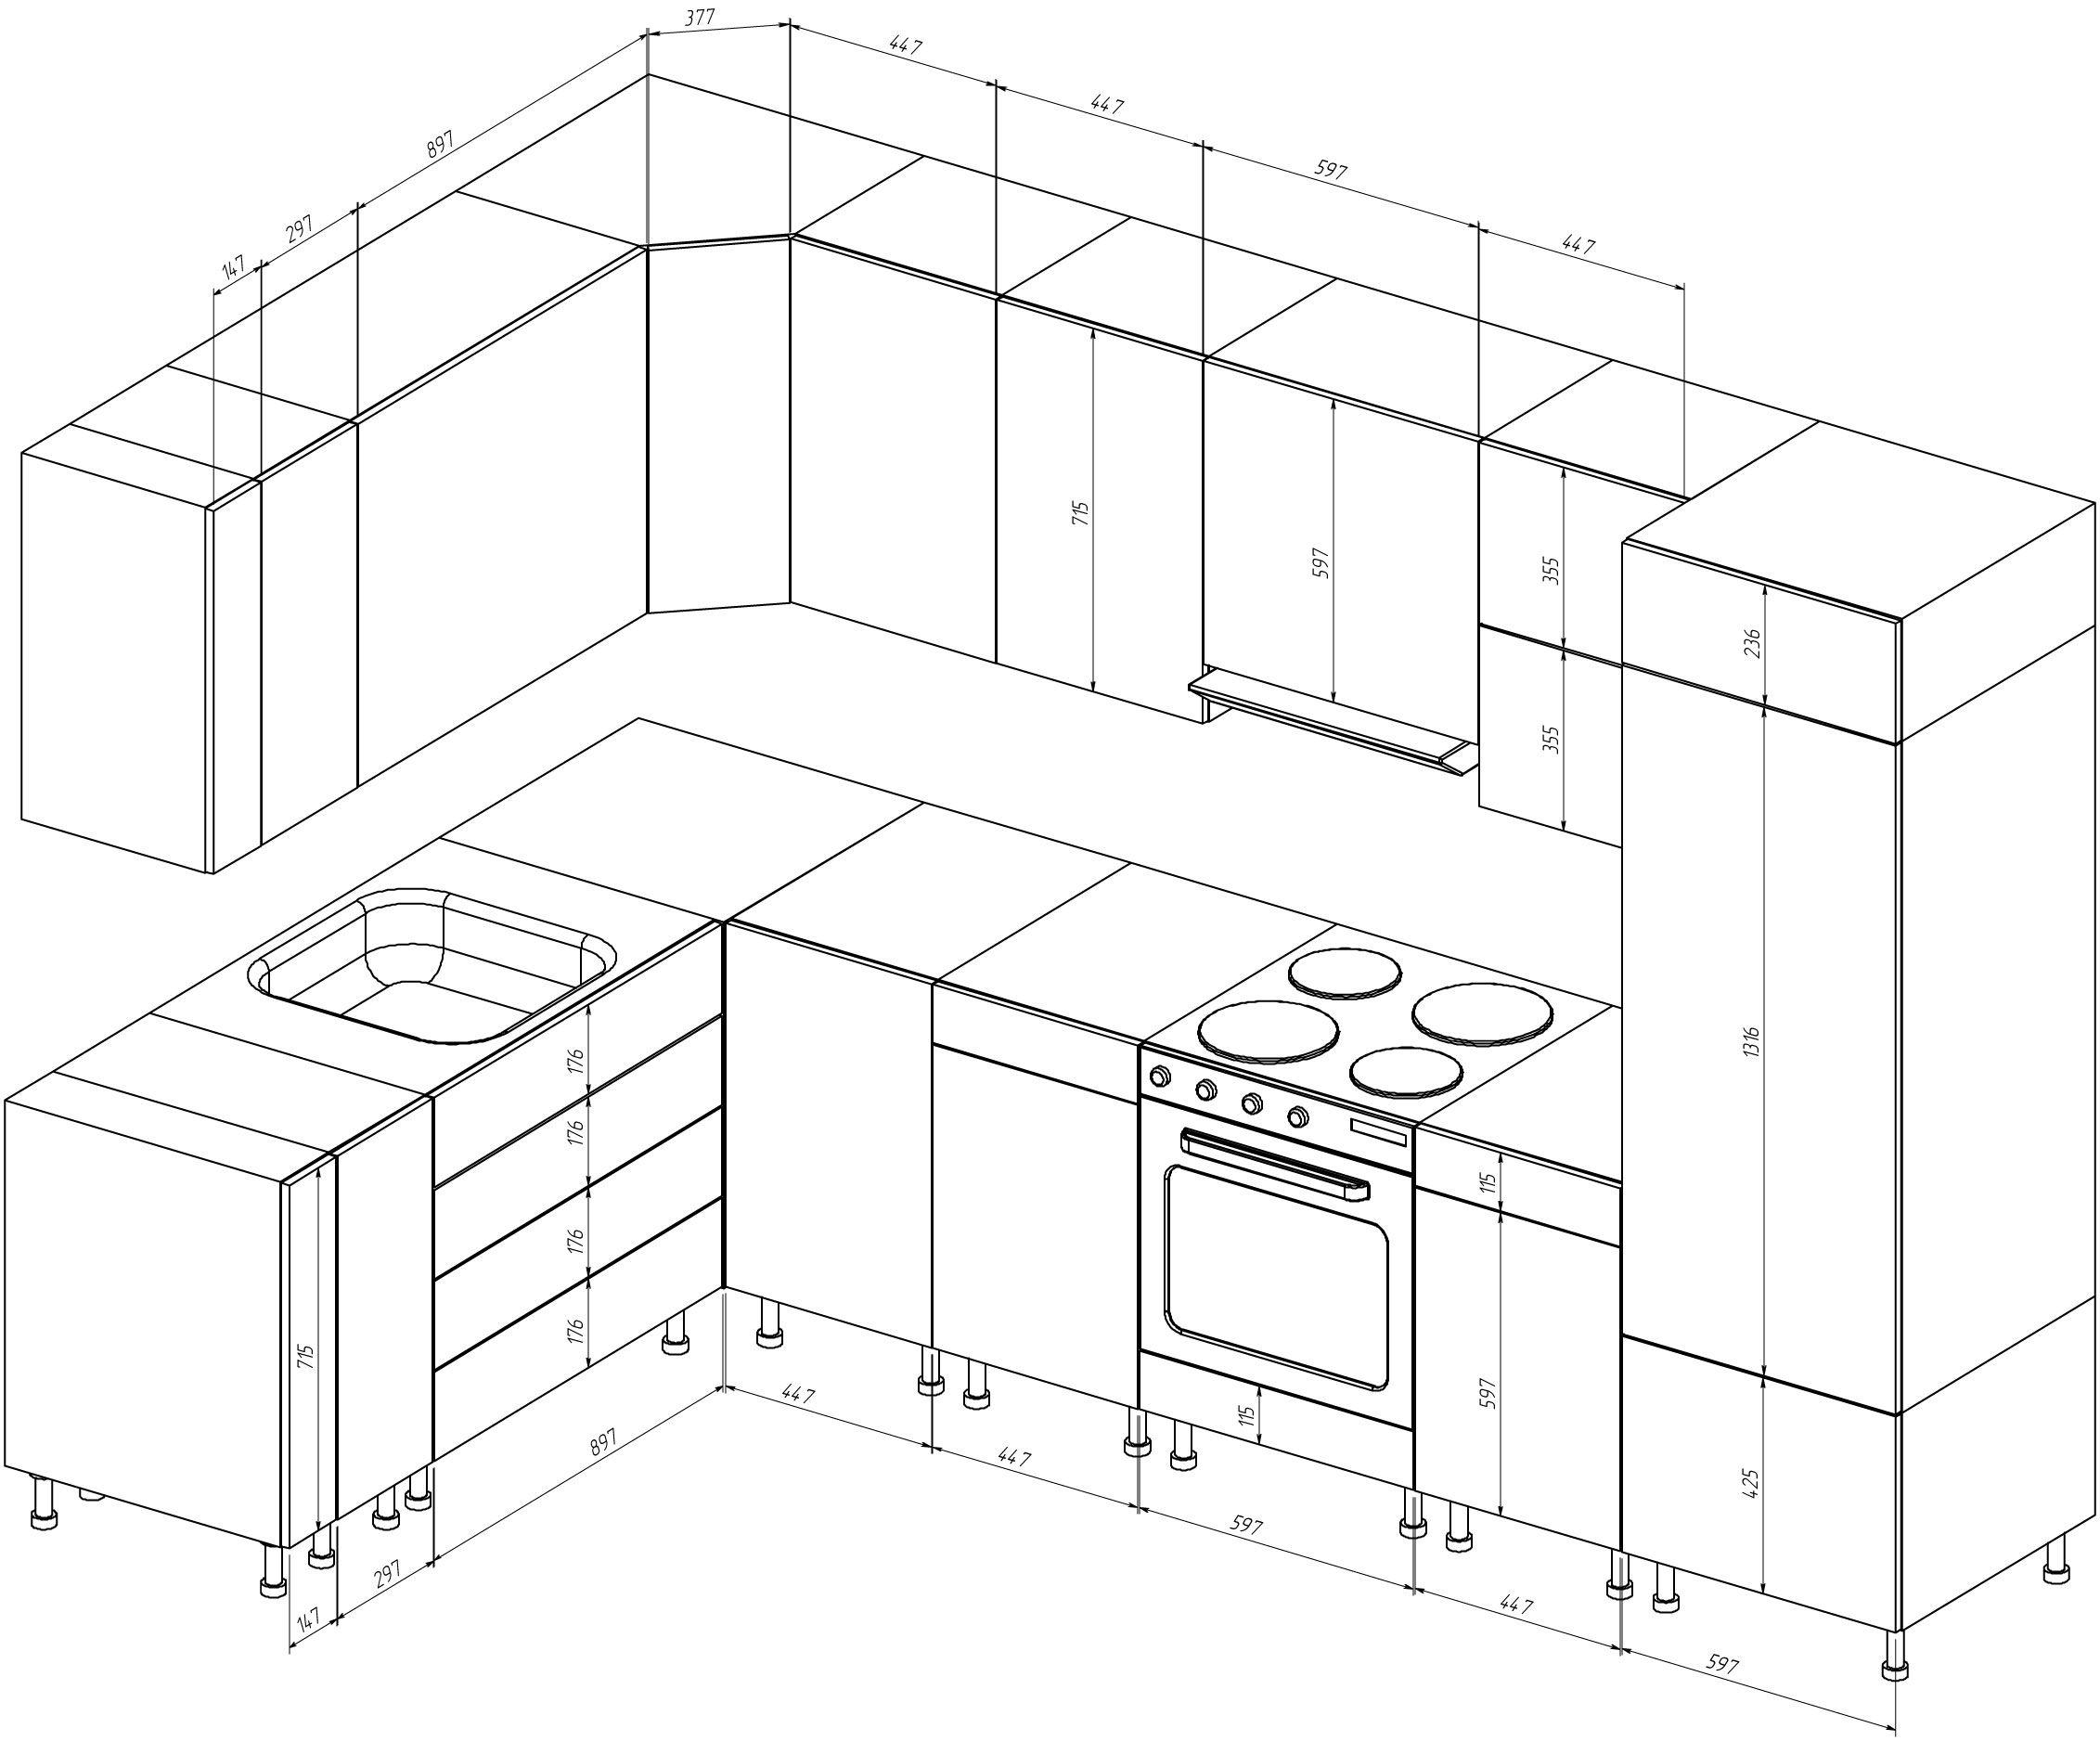 Pin di Николай su Кухня | Pinterest | Cucine, Disegno e Cucina